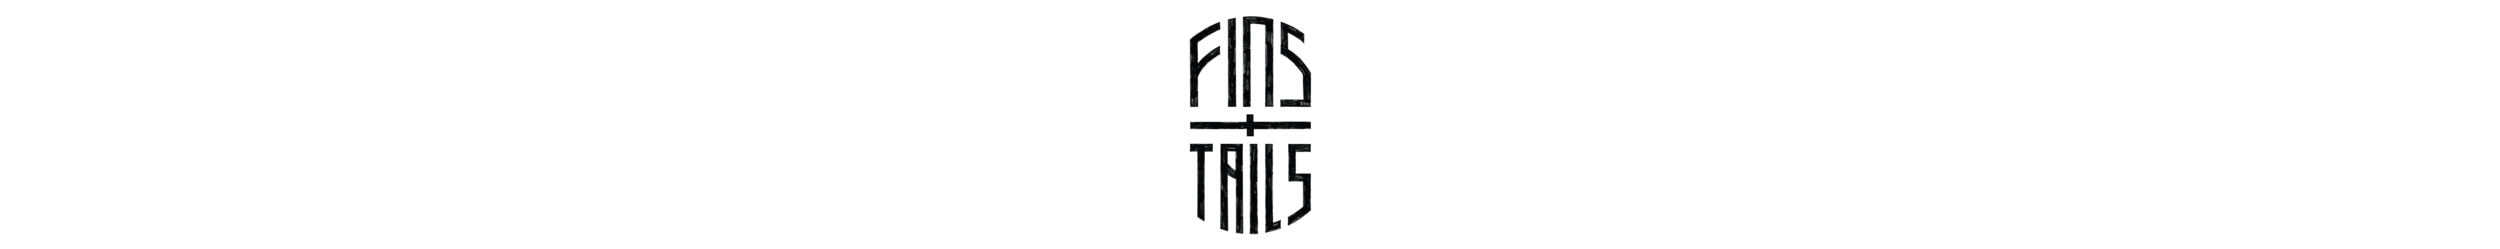 *Logos-09.png